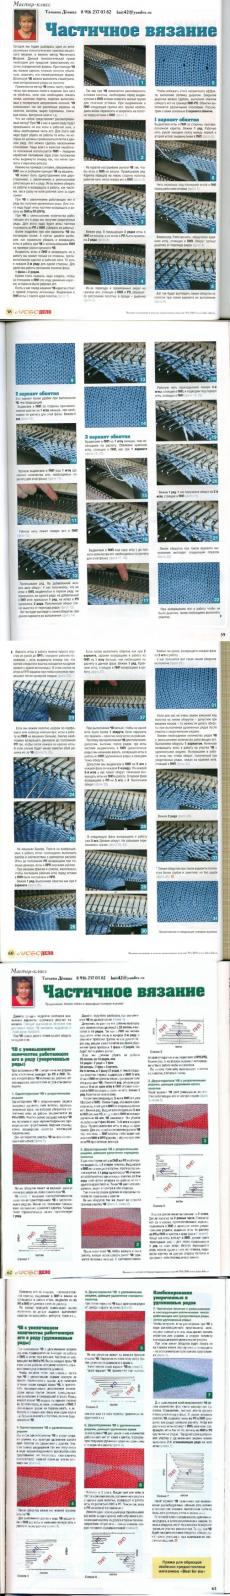 Машинное вязание. Уроки Татьяны Деминой.